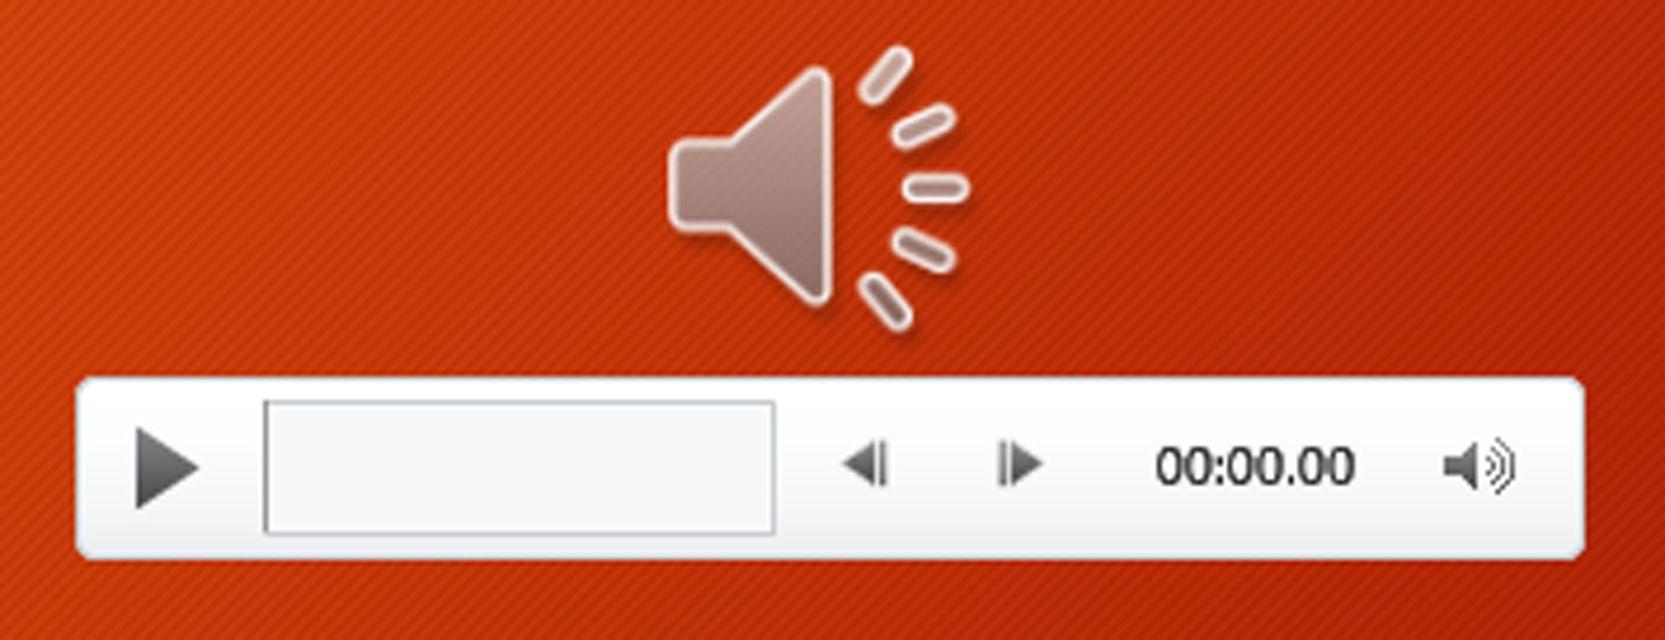 powerpoint audio icon